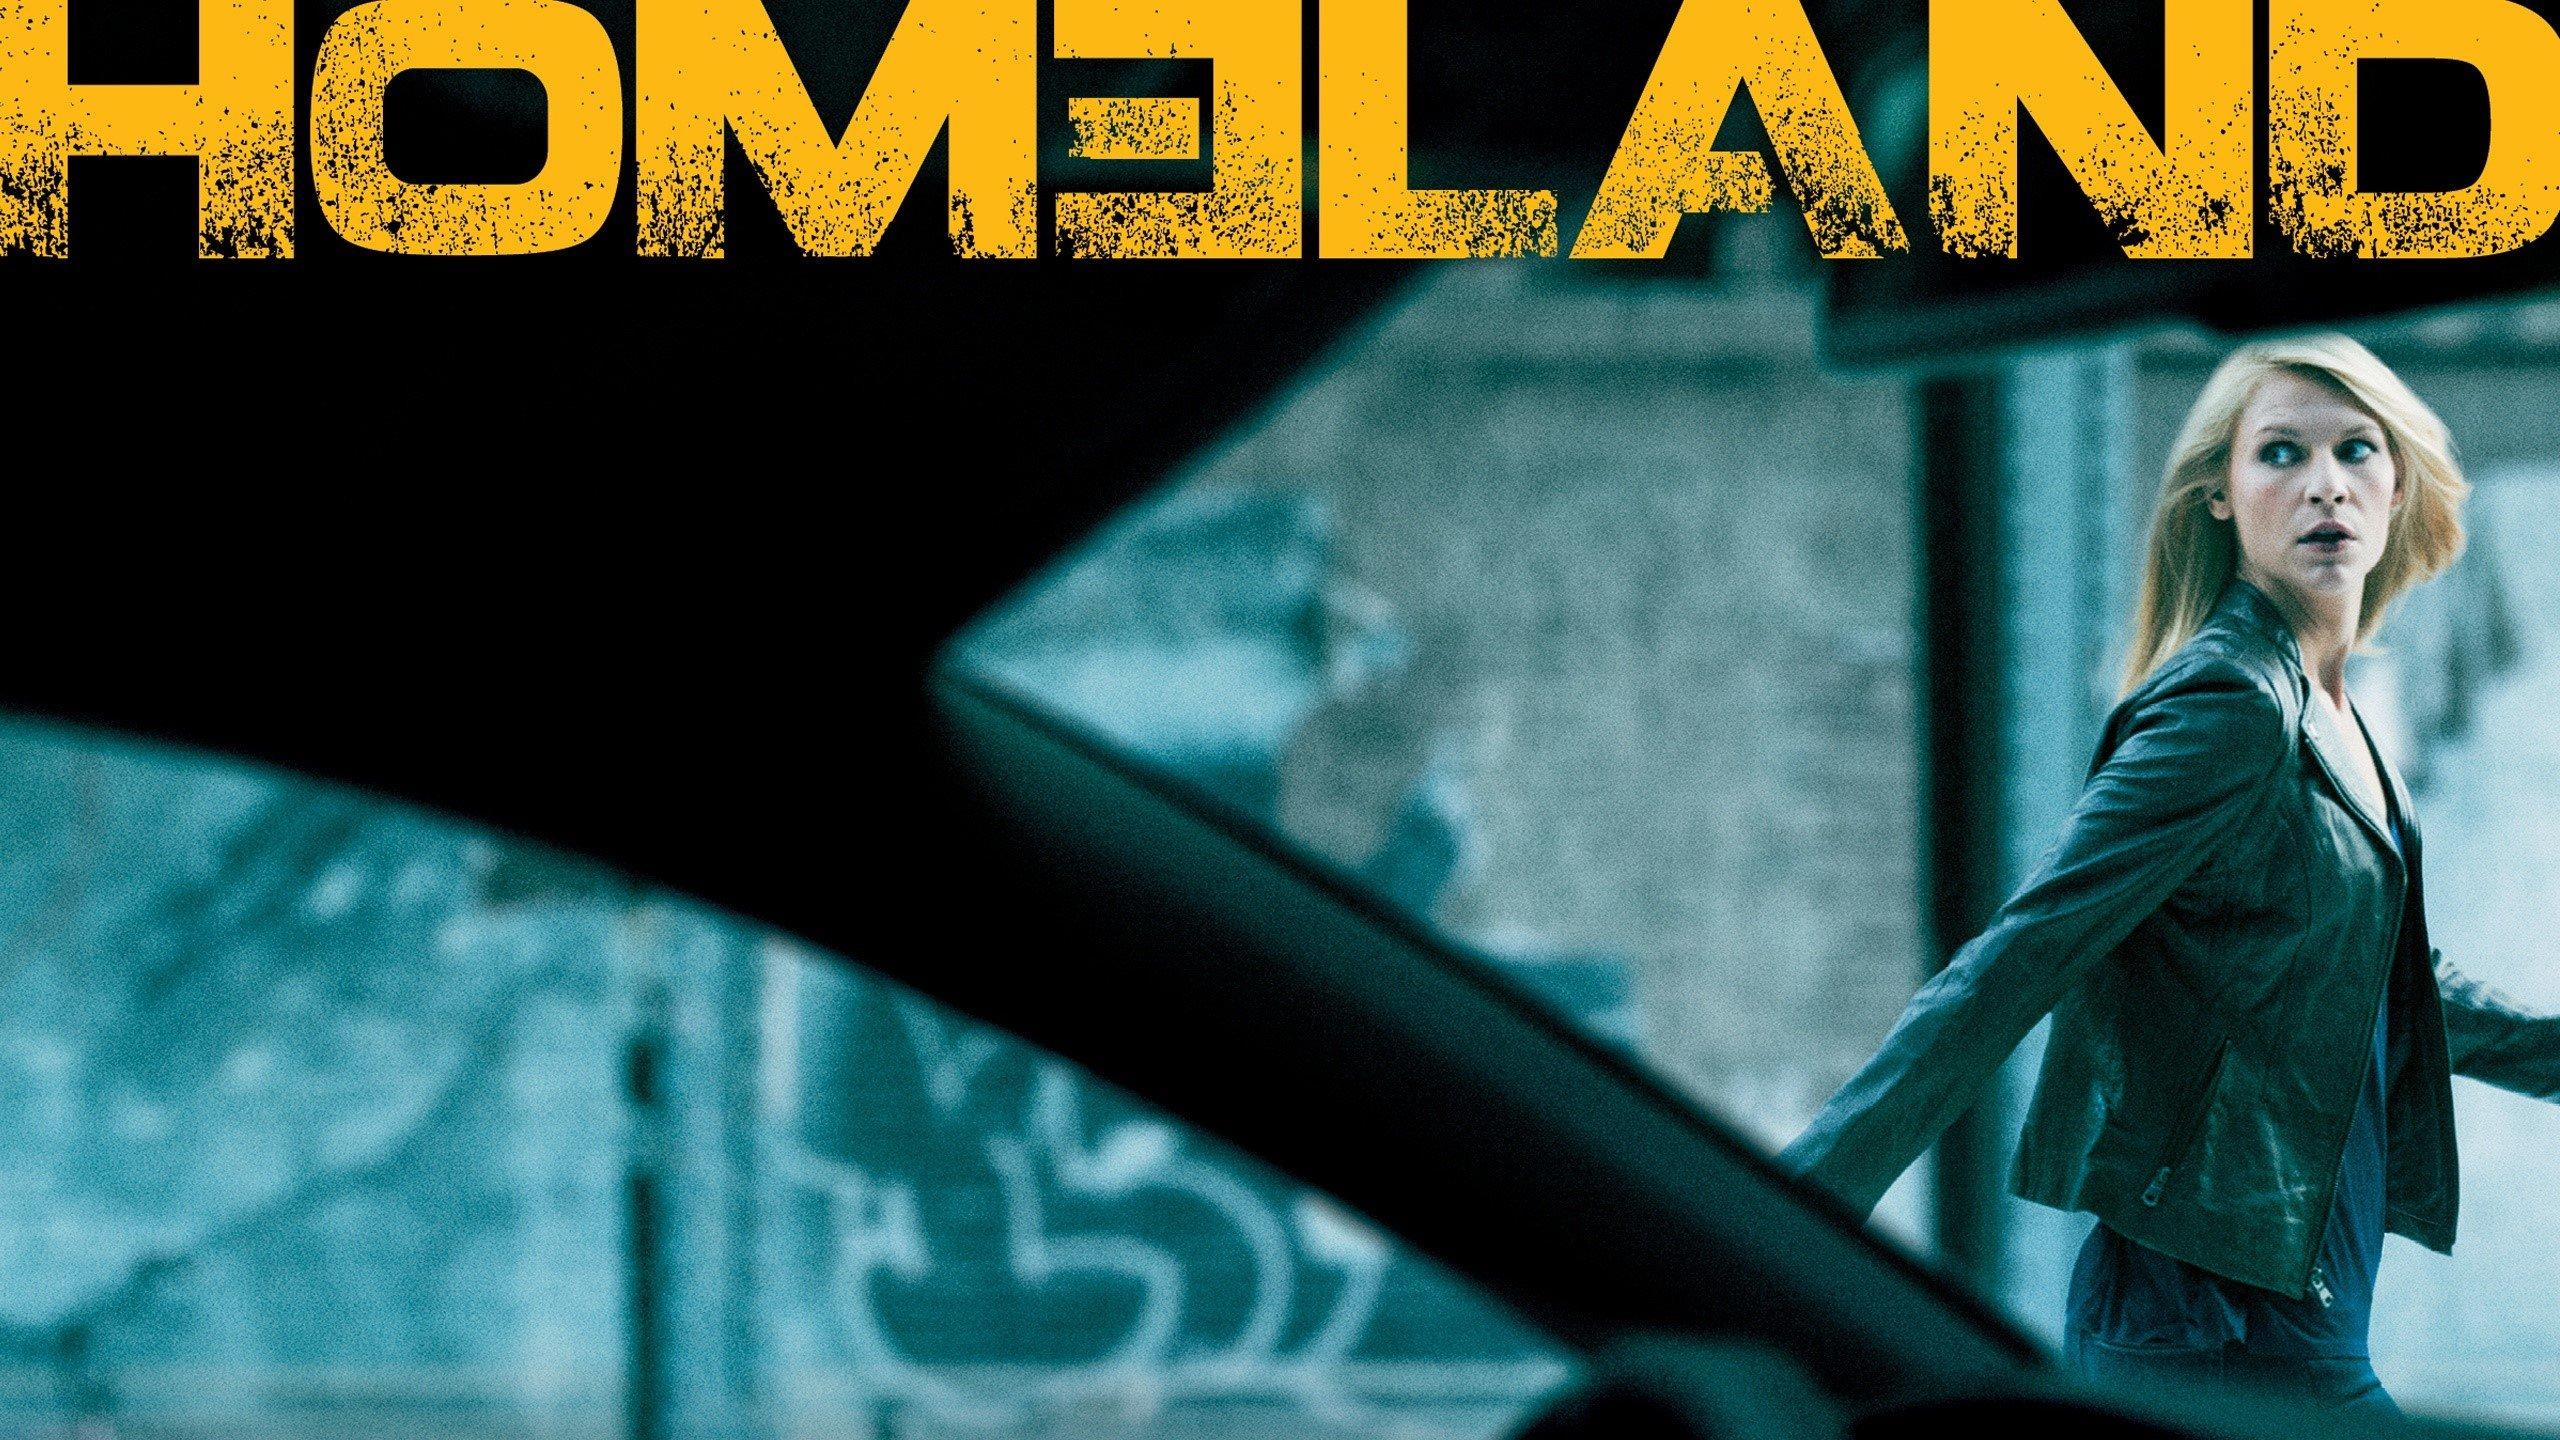 Wallpaper Season 5 of Homeland